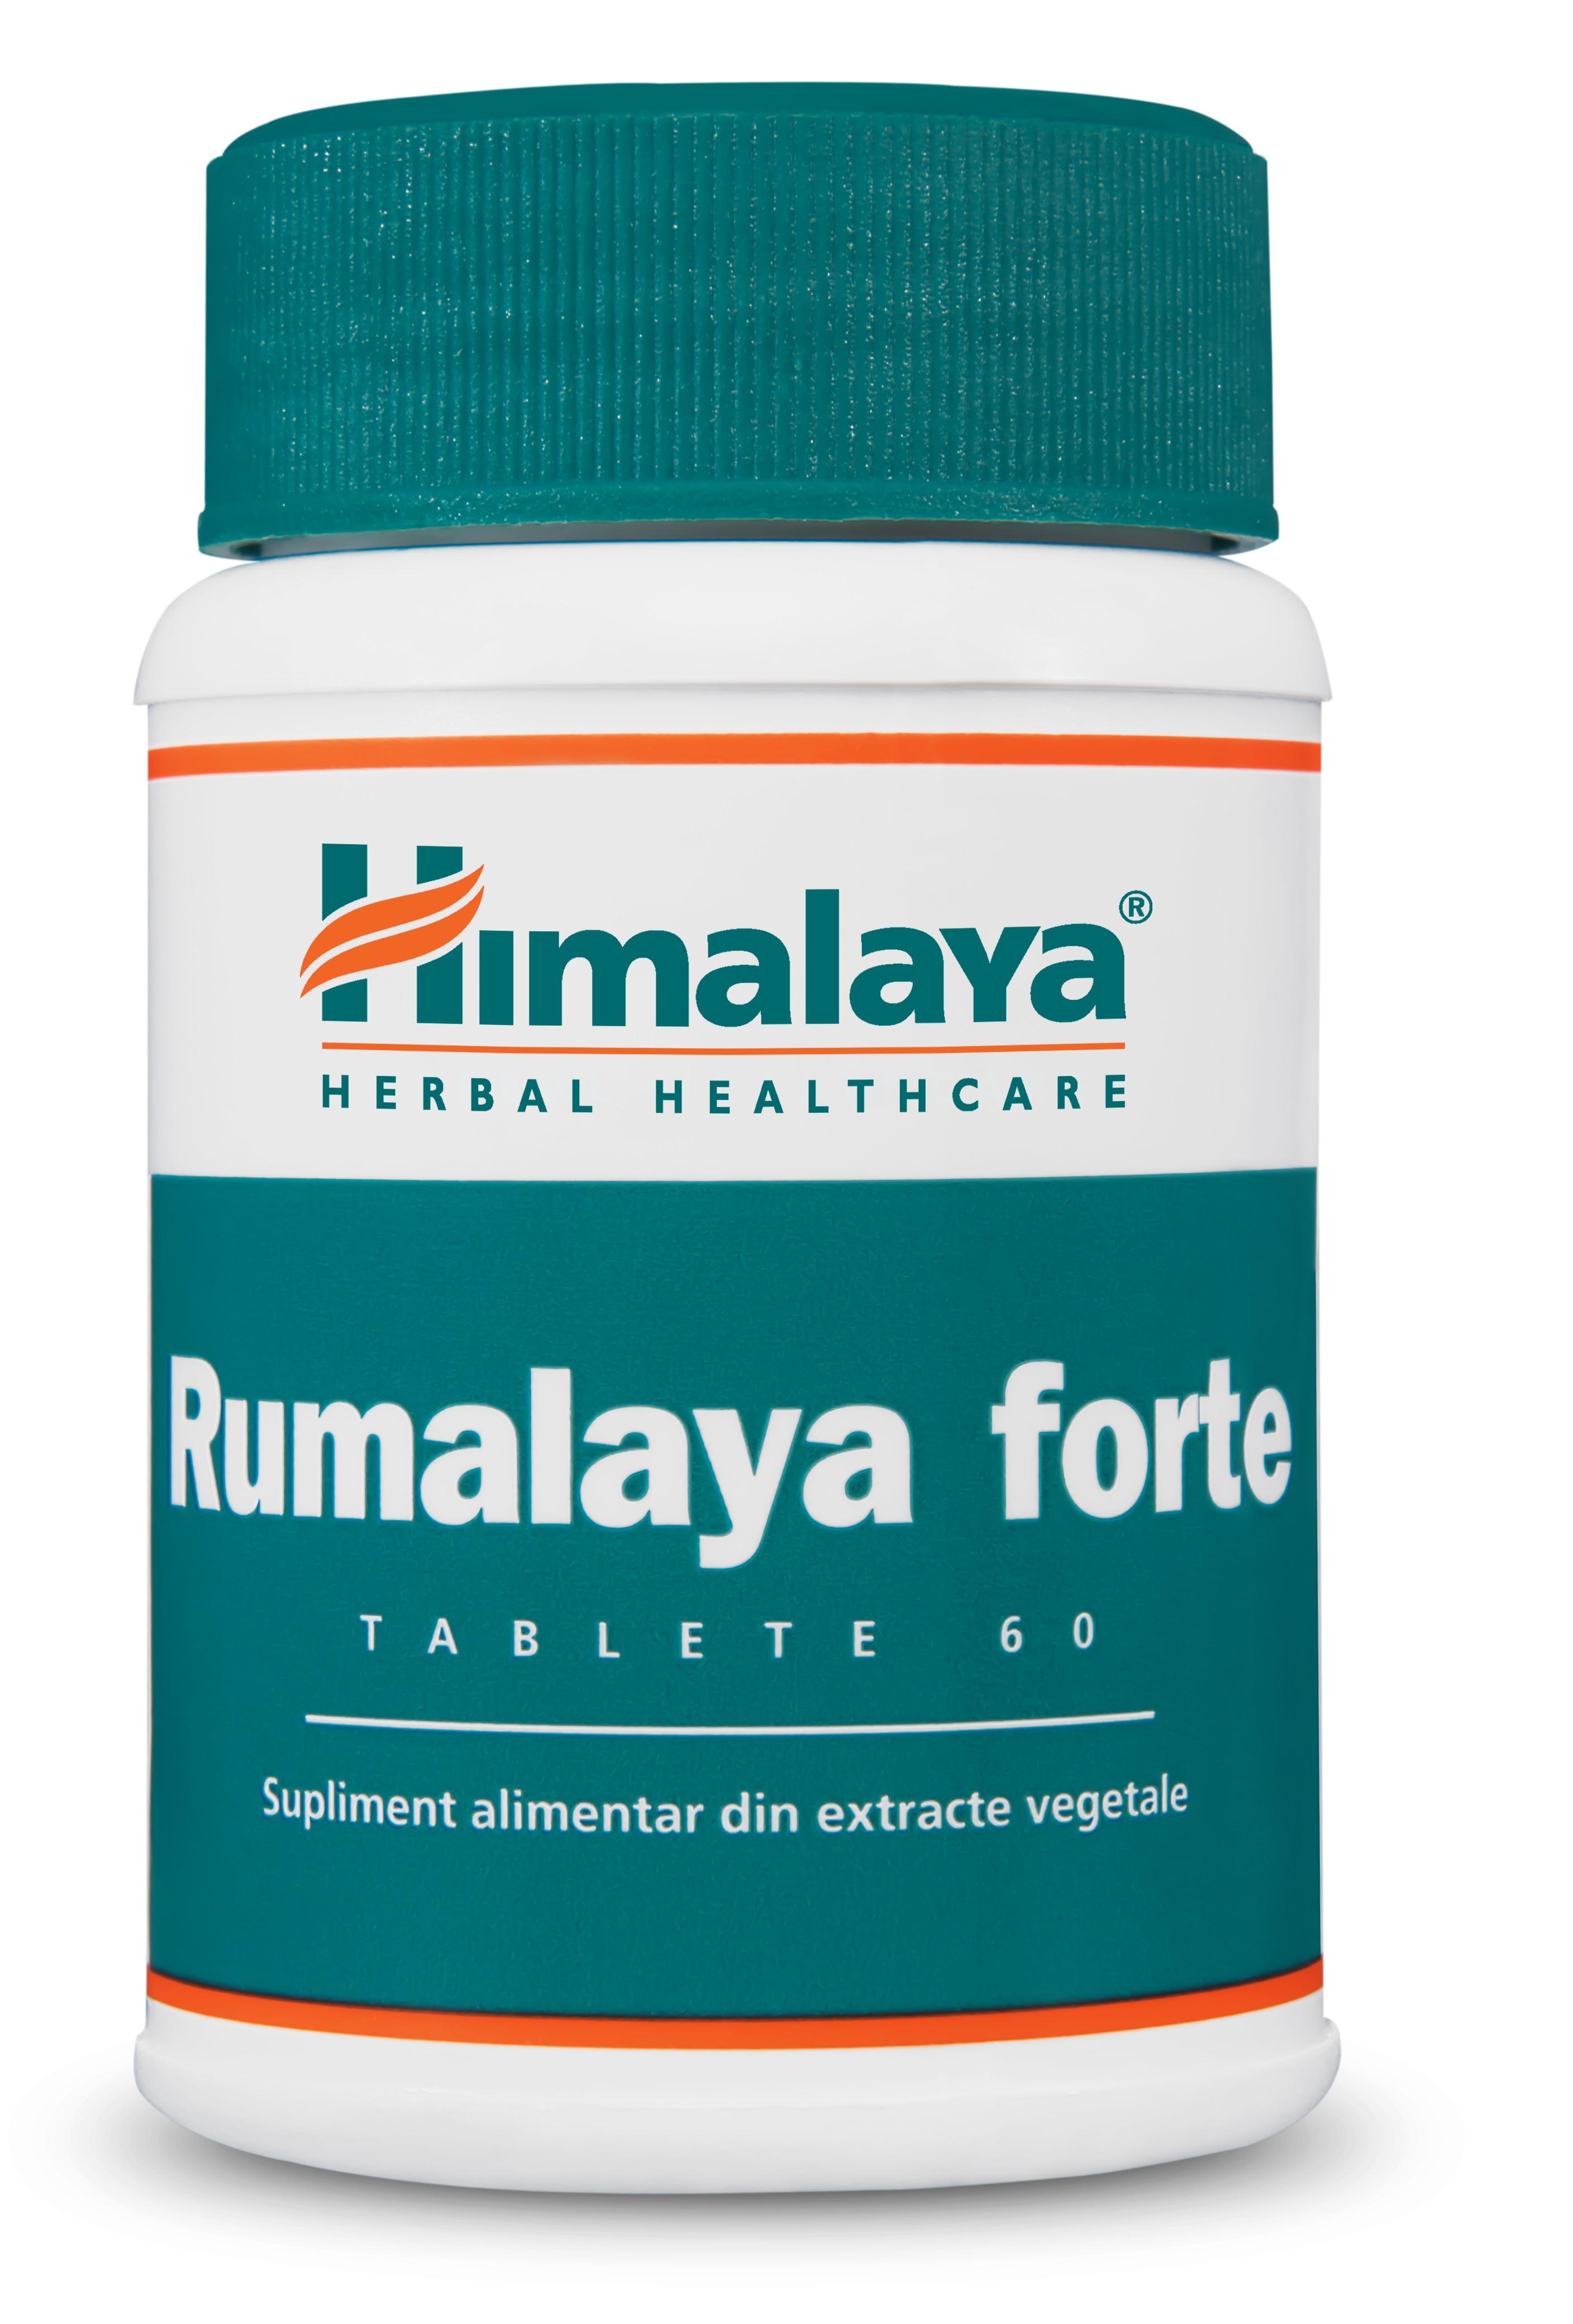 Antiinflamatoare si antireumatice nesteroidiene | Prospecte medicamente